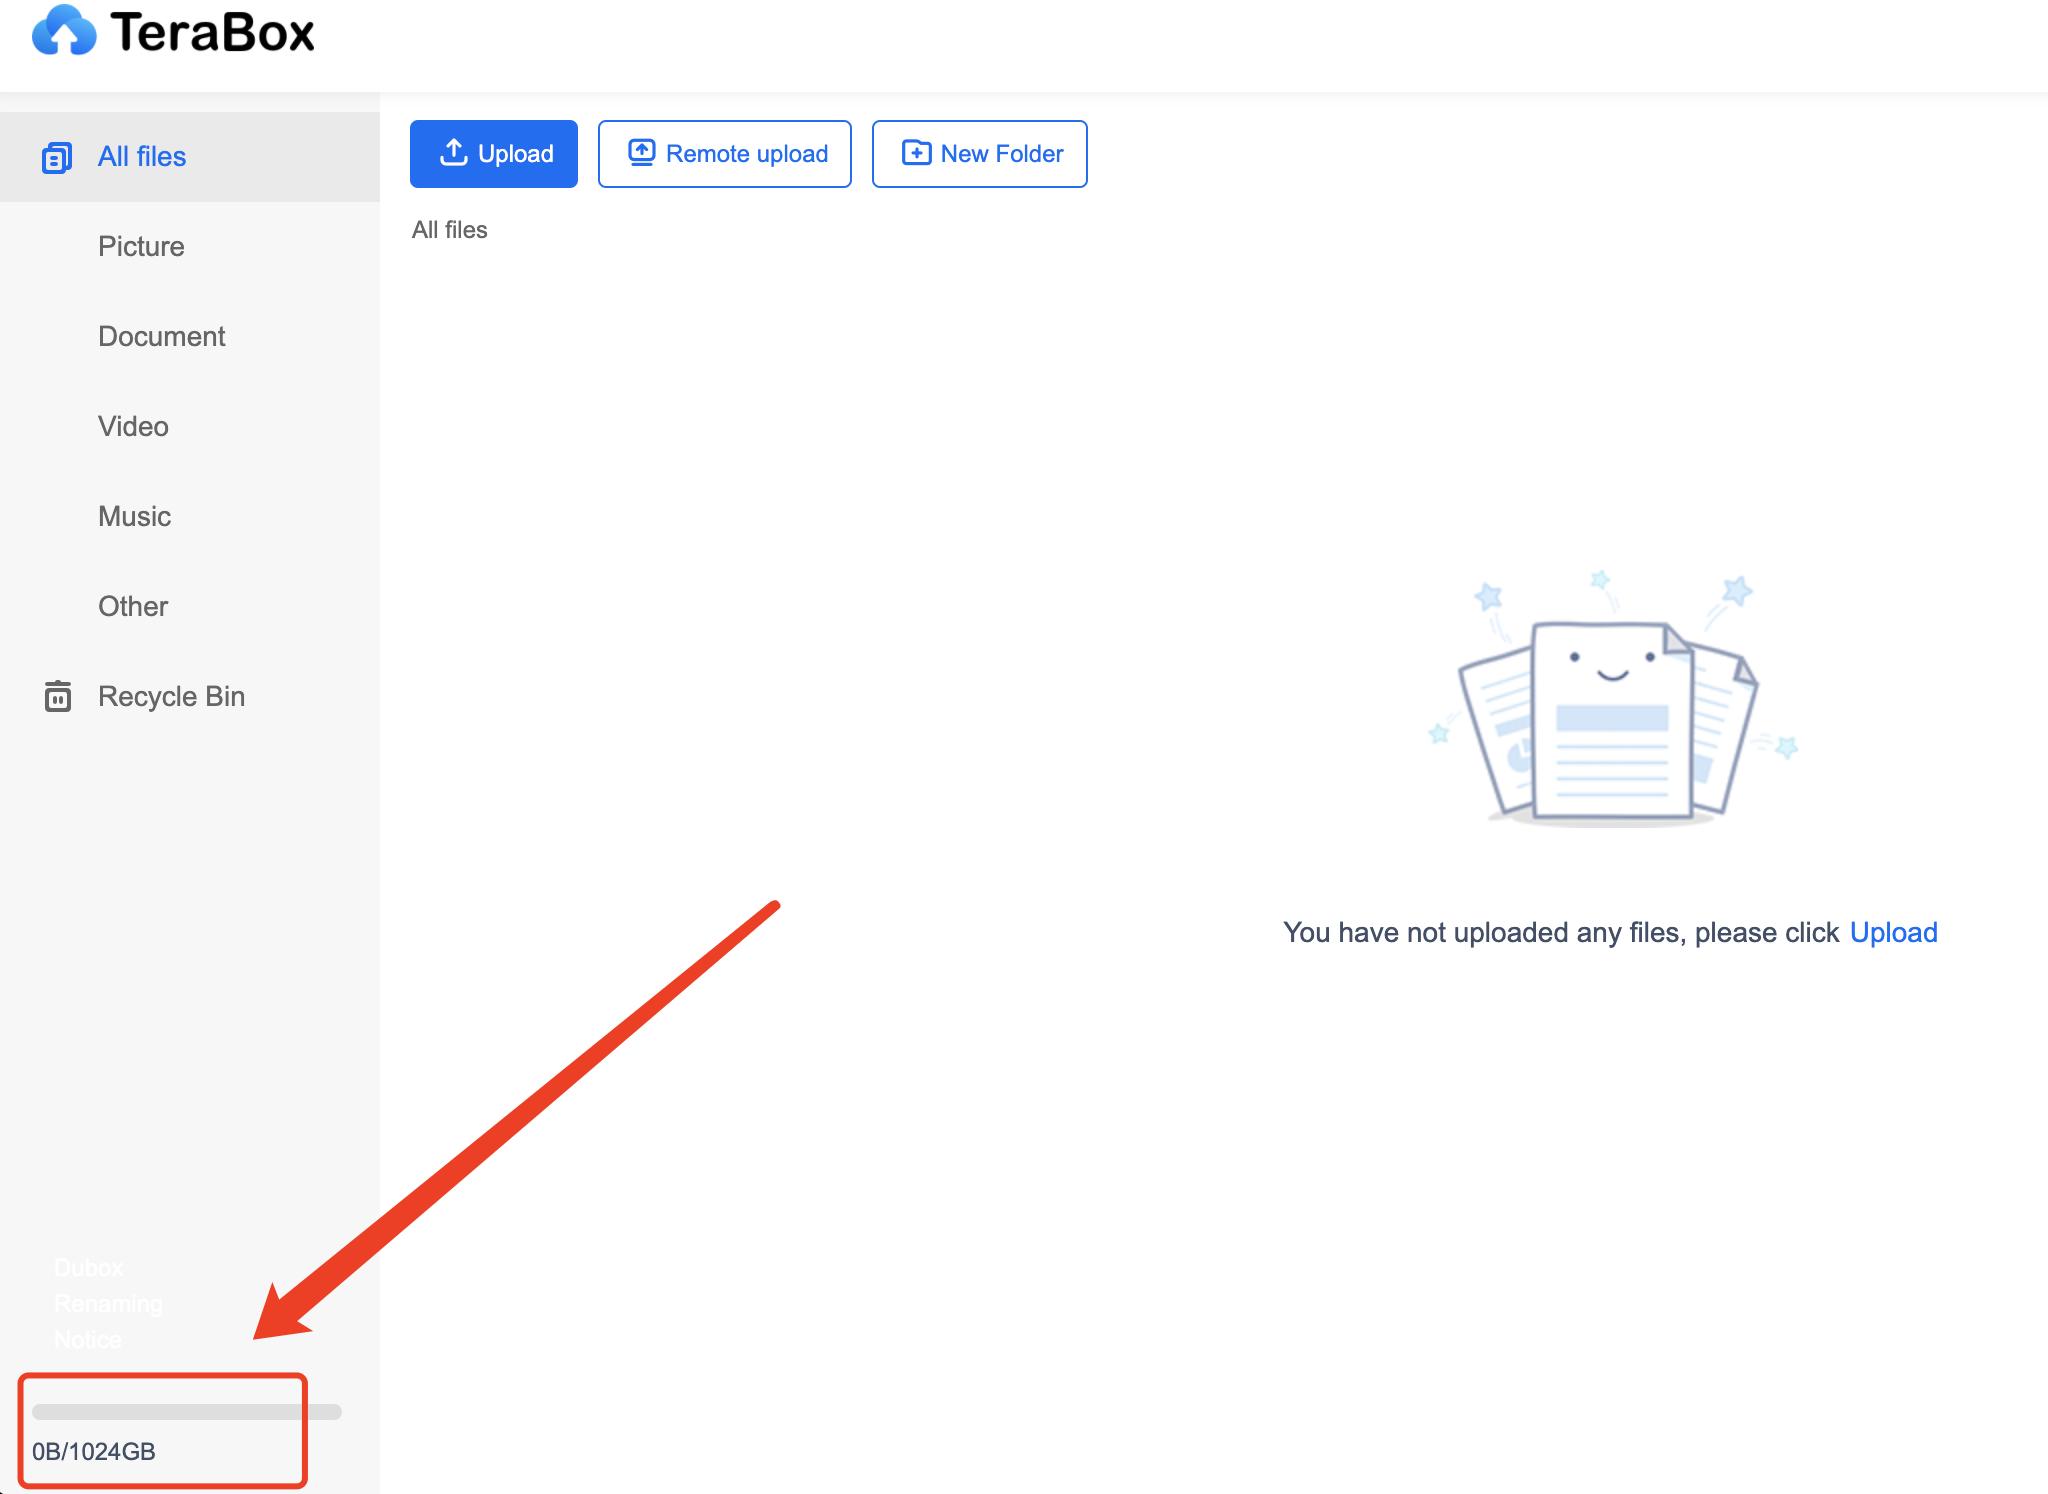 免费撸百度网盘海外版【TeraBox】,号称不限速,附带地址插图(1)